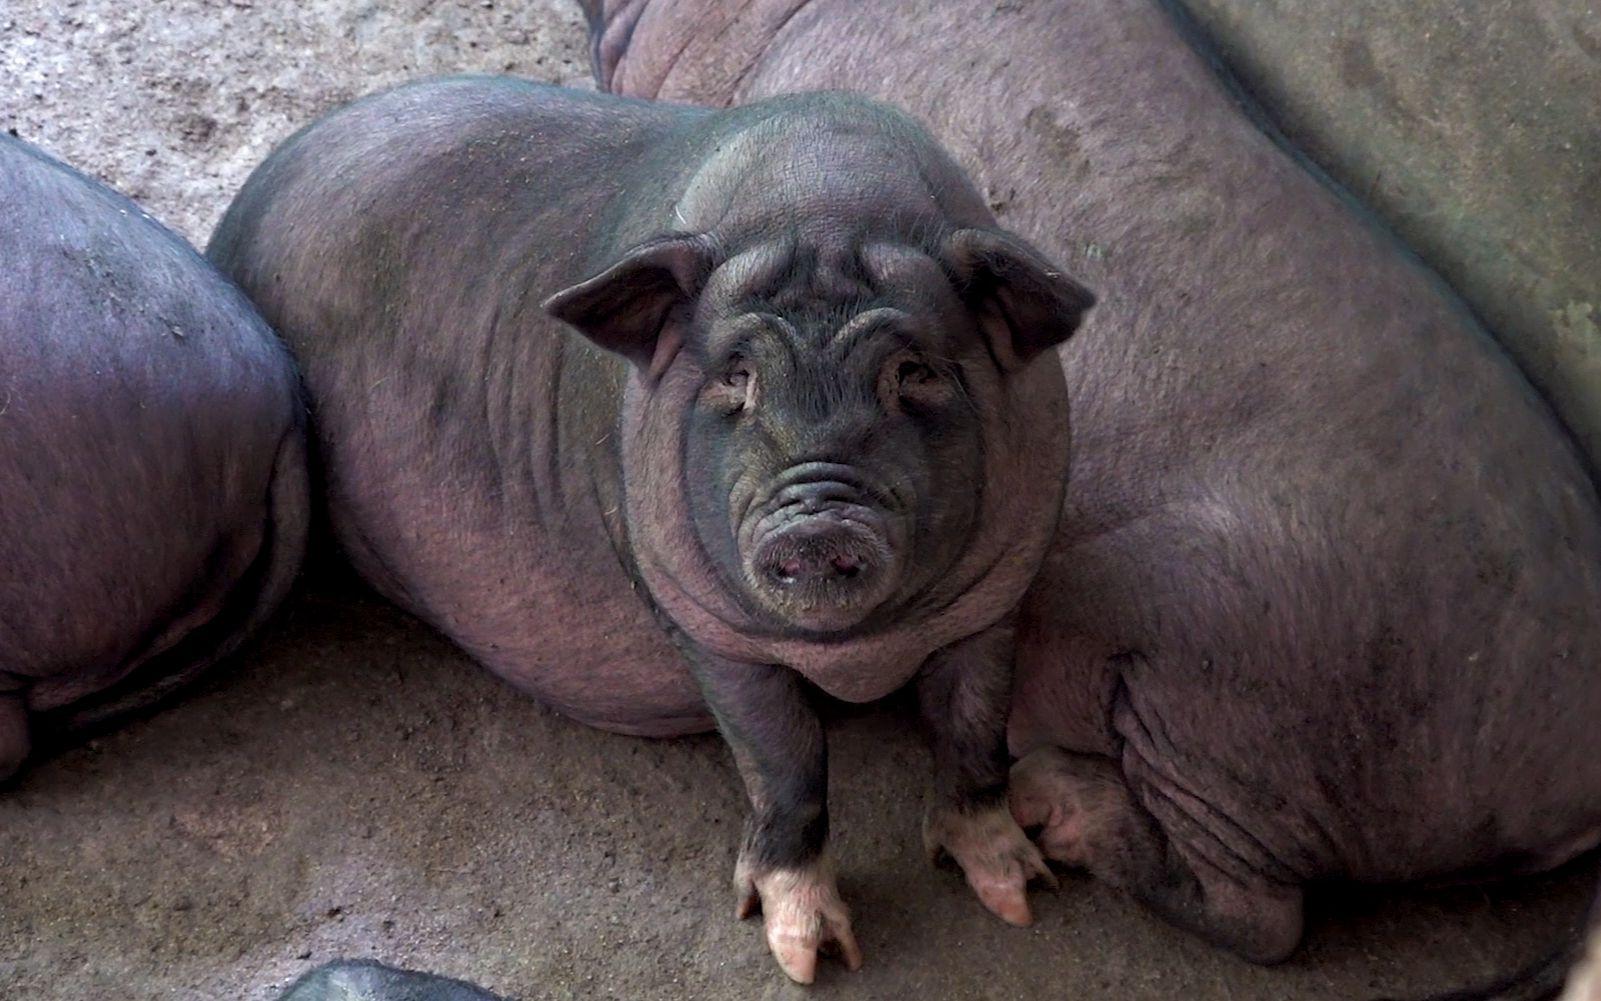 华农兄弟:去兄弟家看一下我们以前养的香猪,已经肥的不成样了